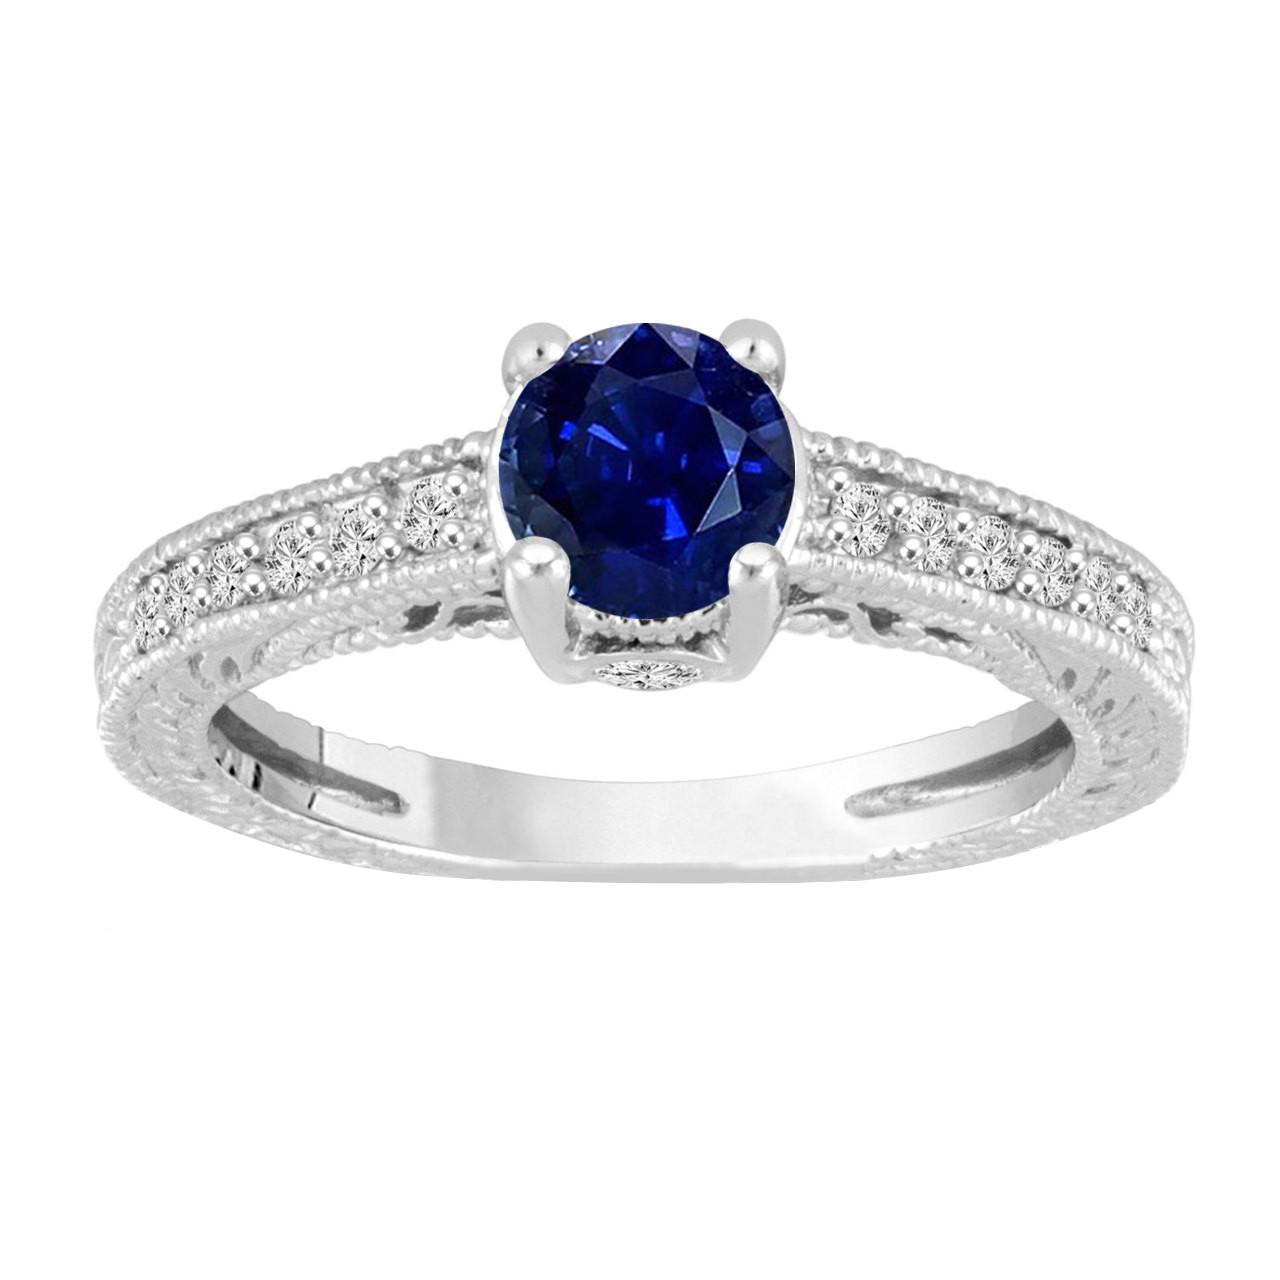 120 carat blue sapphire engagement ring wedding ring 14k